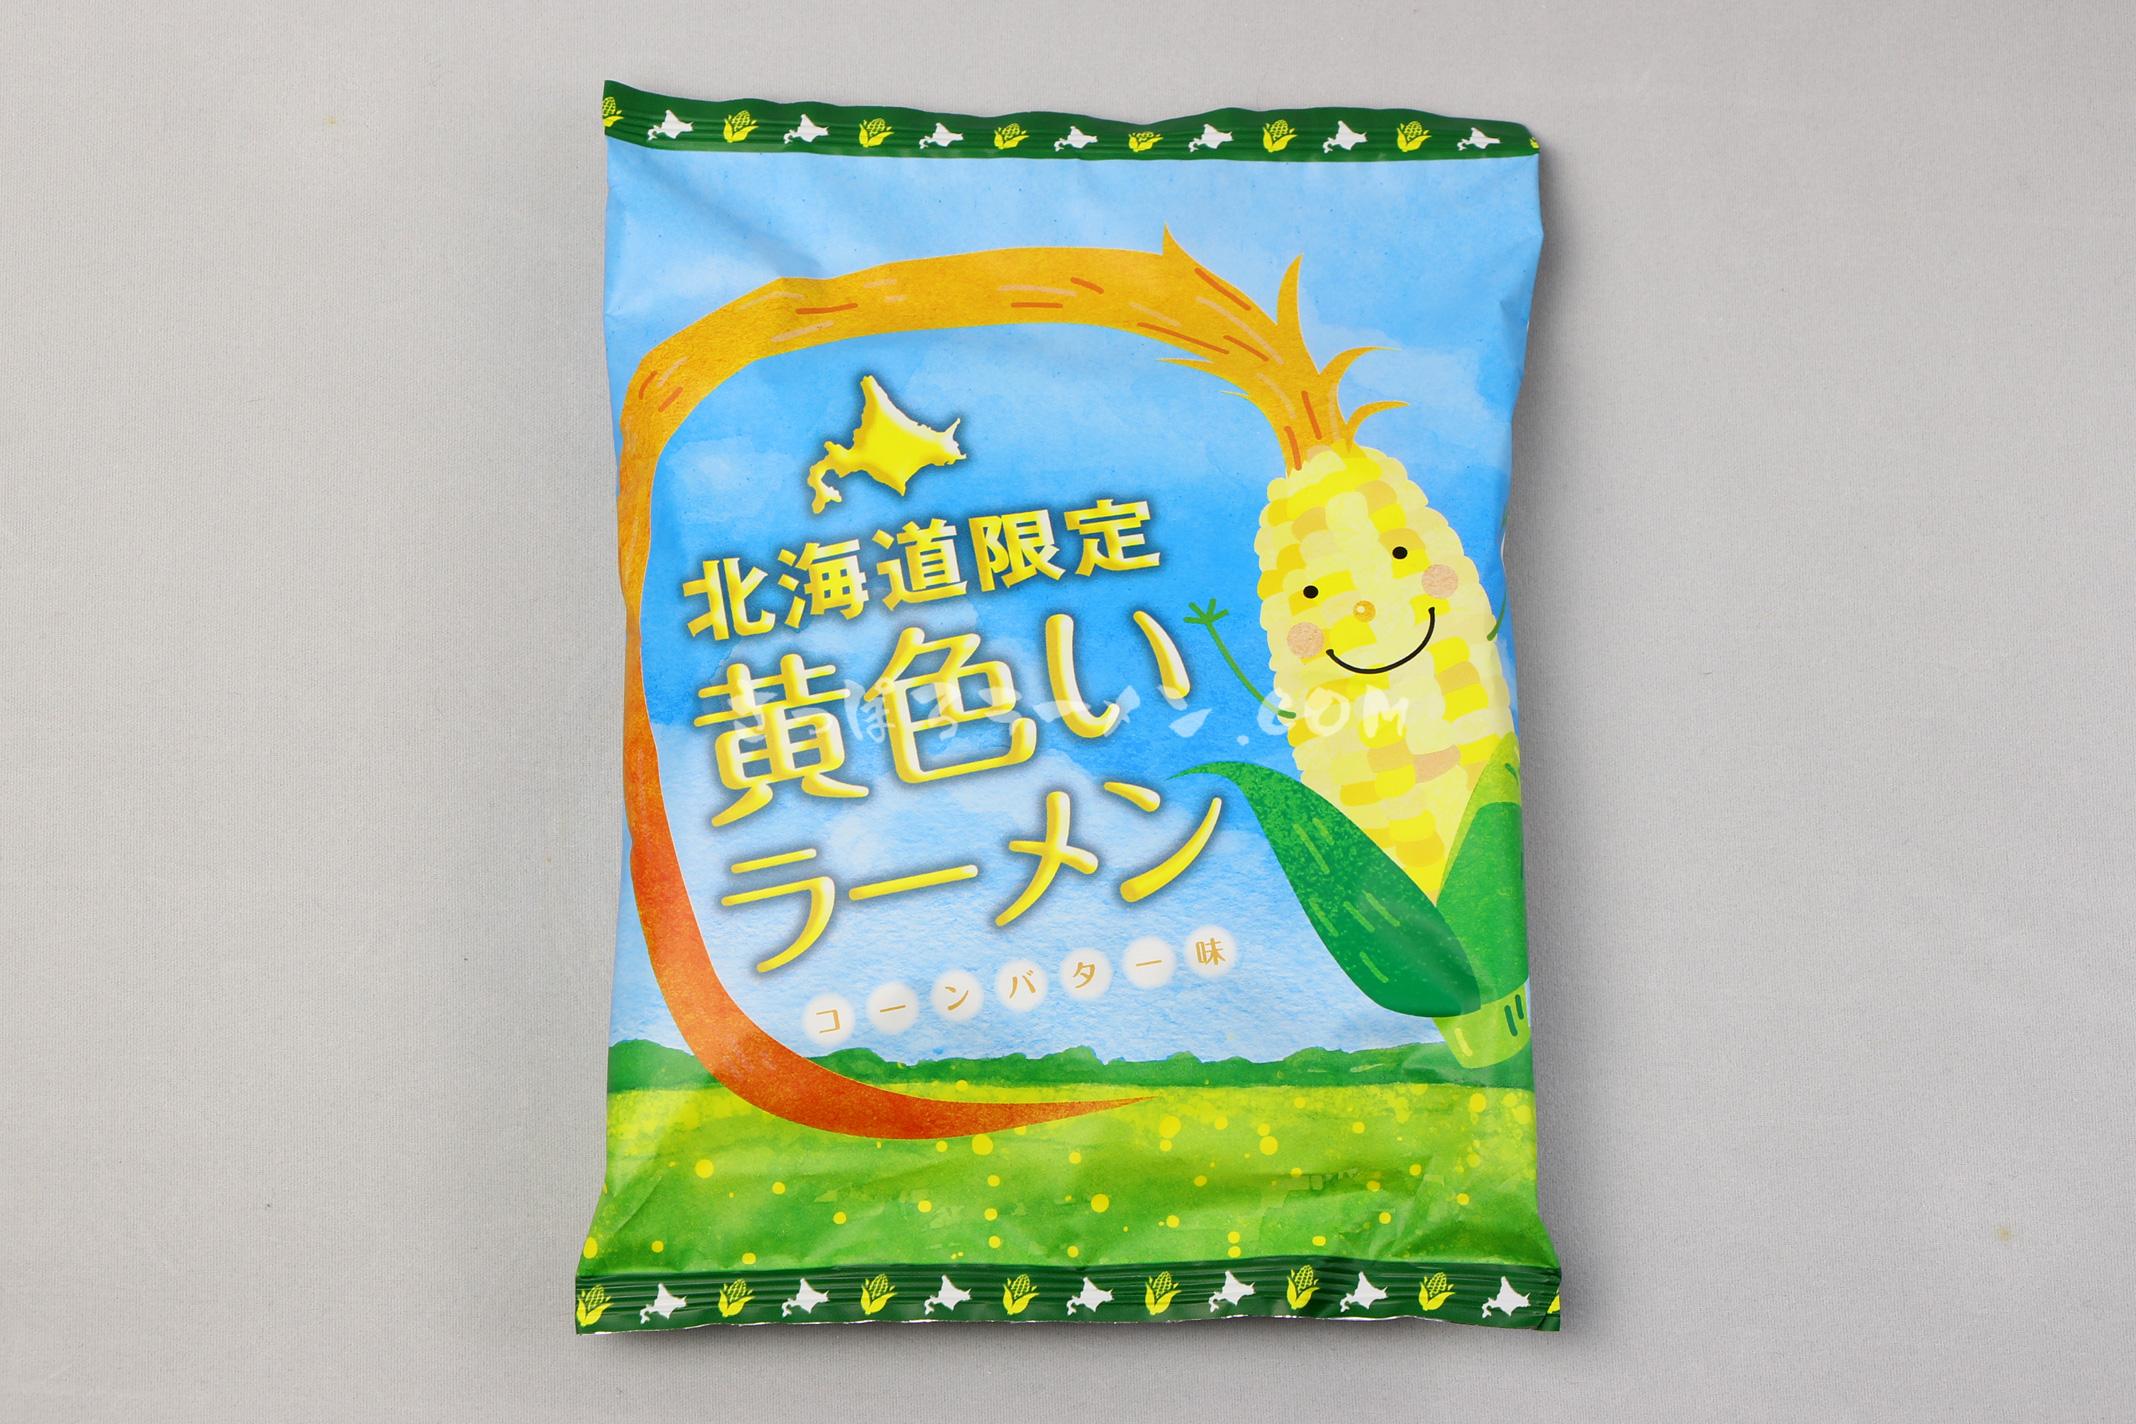 「北海道限定 黄色いラーメン コーンバター味」(藤原製麺)のパッケージ(表)